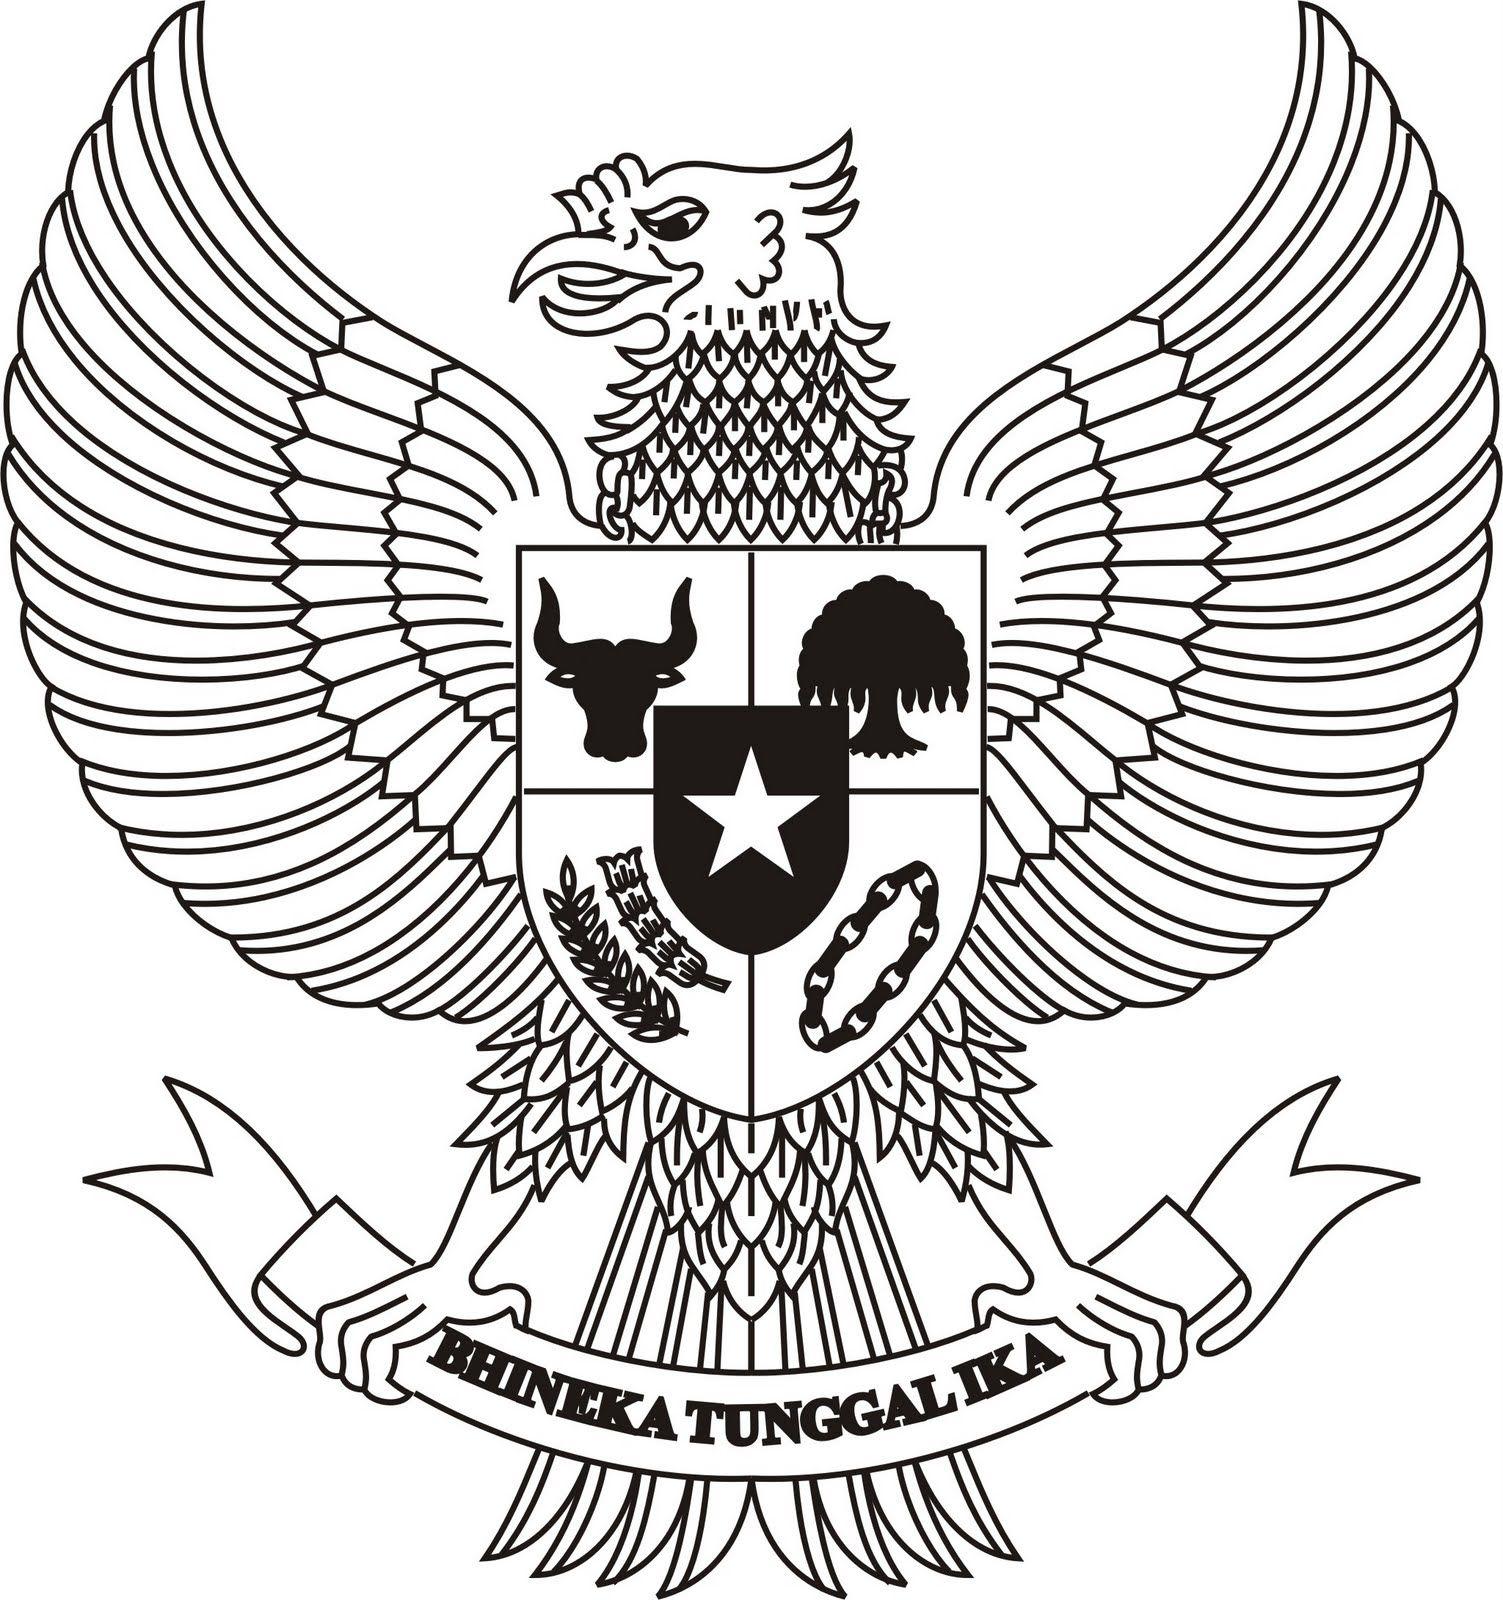 Burung Garuda Indonesia khas indonesia dengan